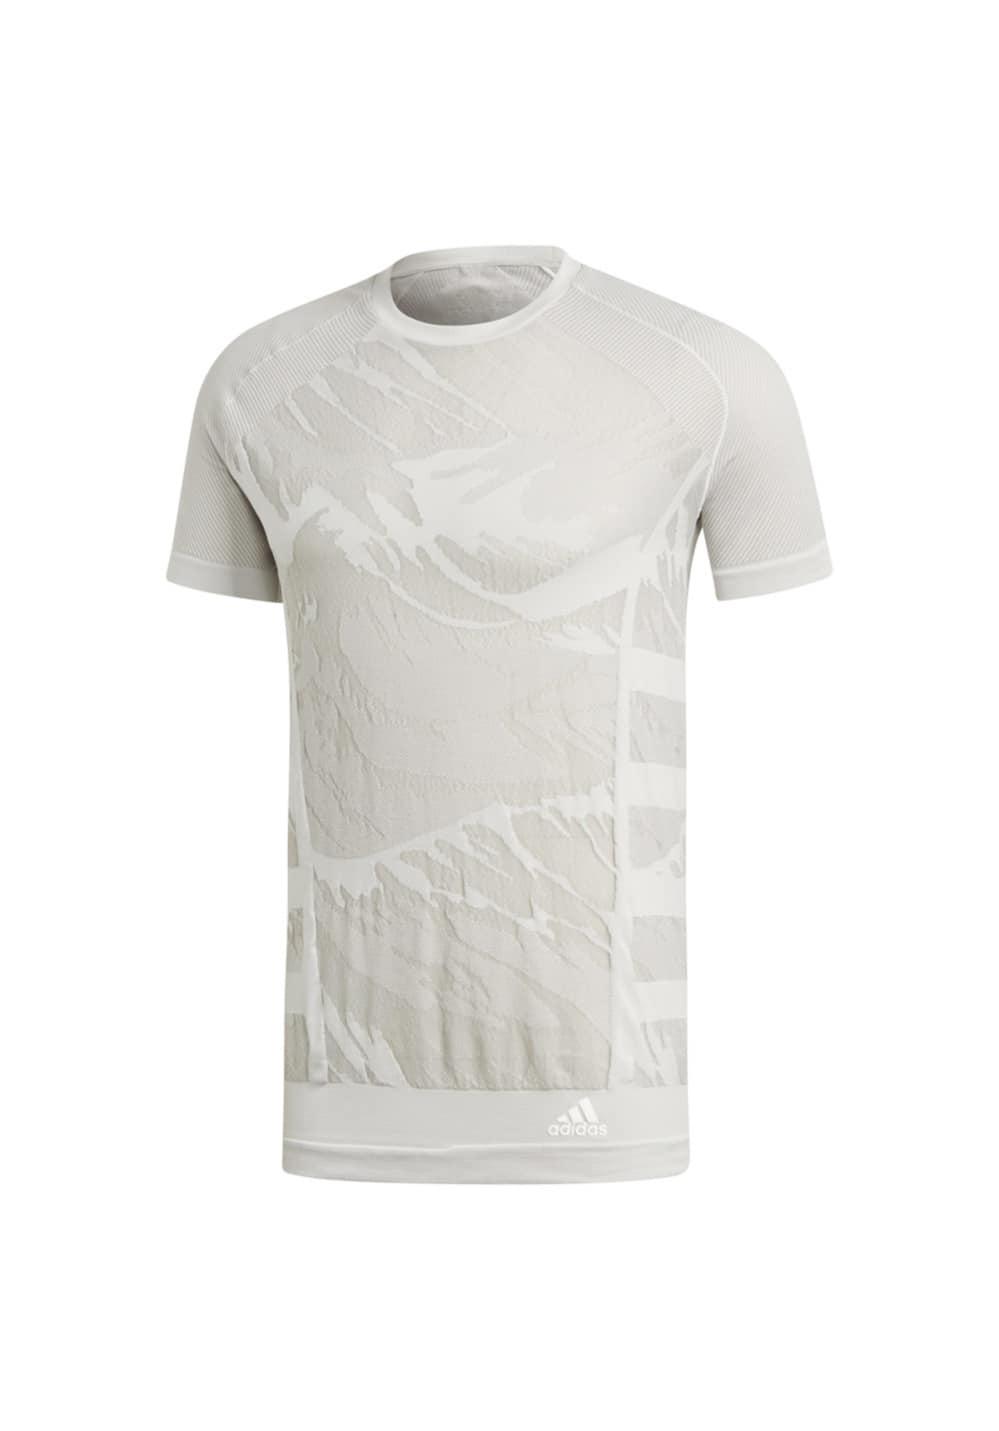 adidas Ultra Primeknit Parley Tee - Laufshirts für Herren - Weiß, Gr. XL